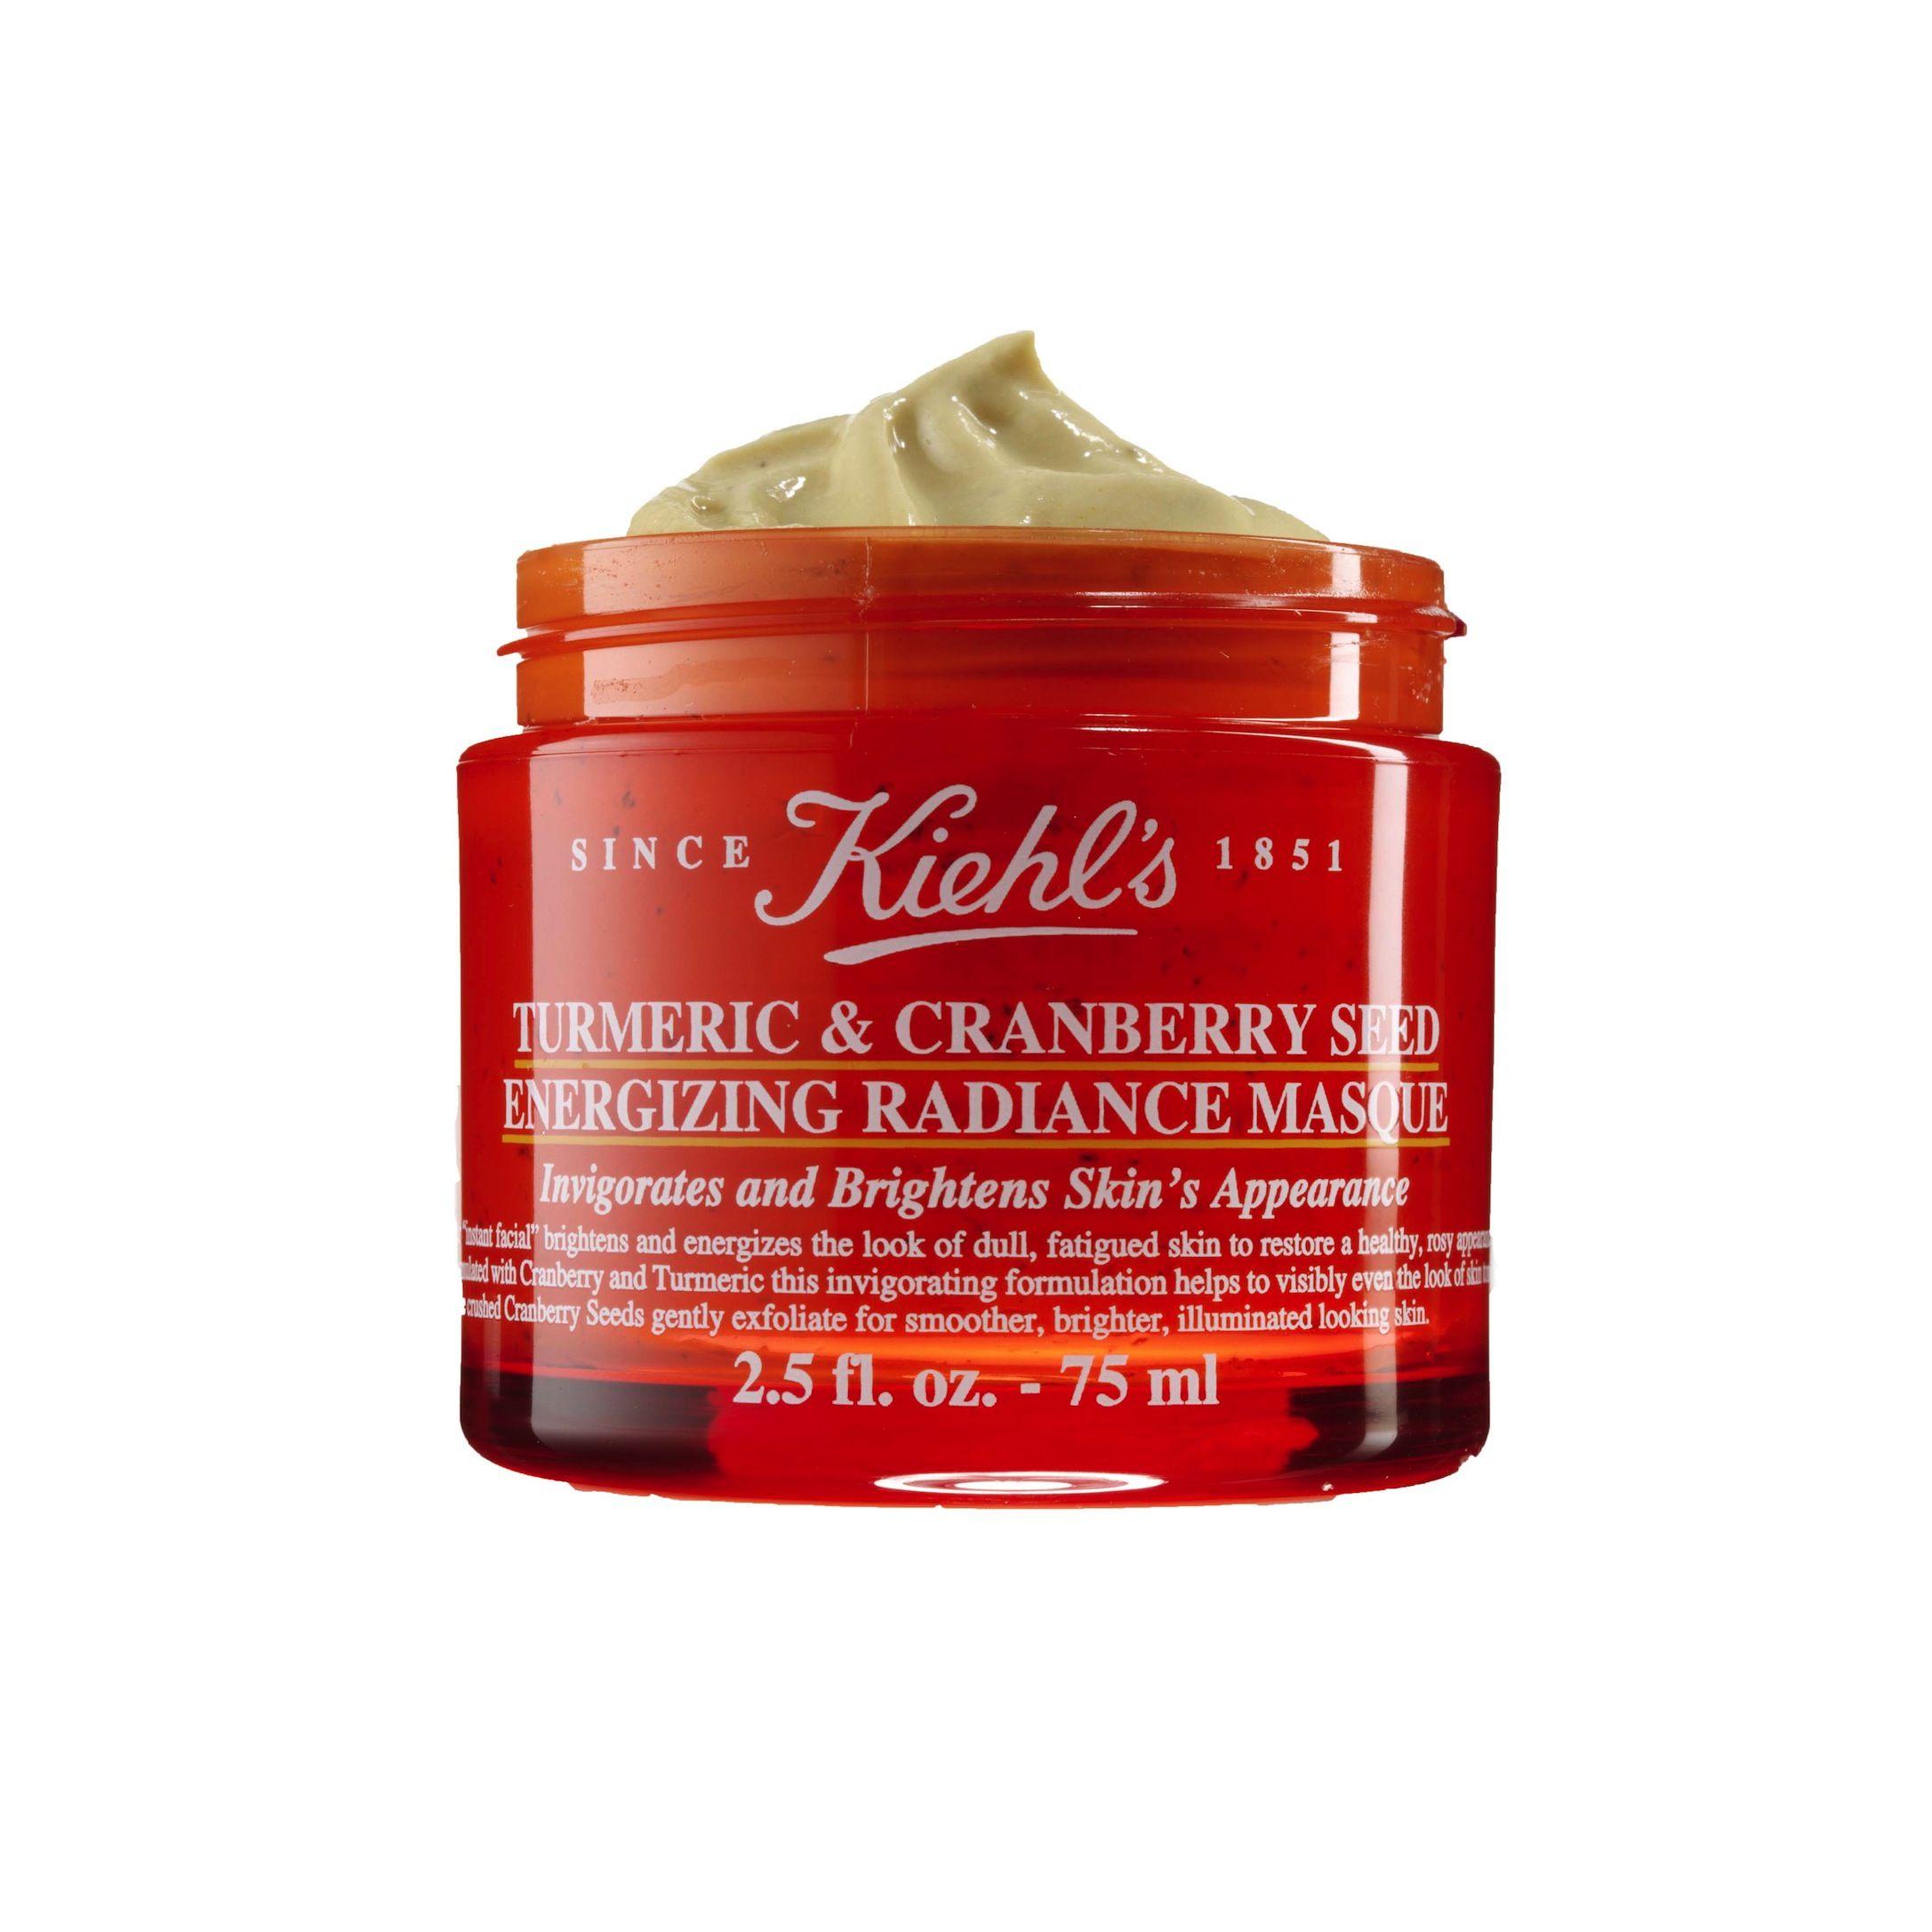 <p>Rivitalizza  e illumina la pelle di viso e collo, la maschera a base di curcuma e semi di mirtillo rosso: Turmeric & Cranberry Seed Energizing Radiance Masque di Kiekl's (€ 34).</p>